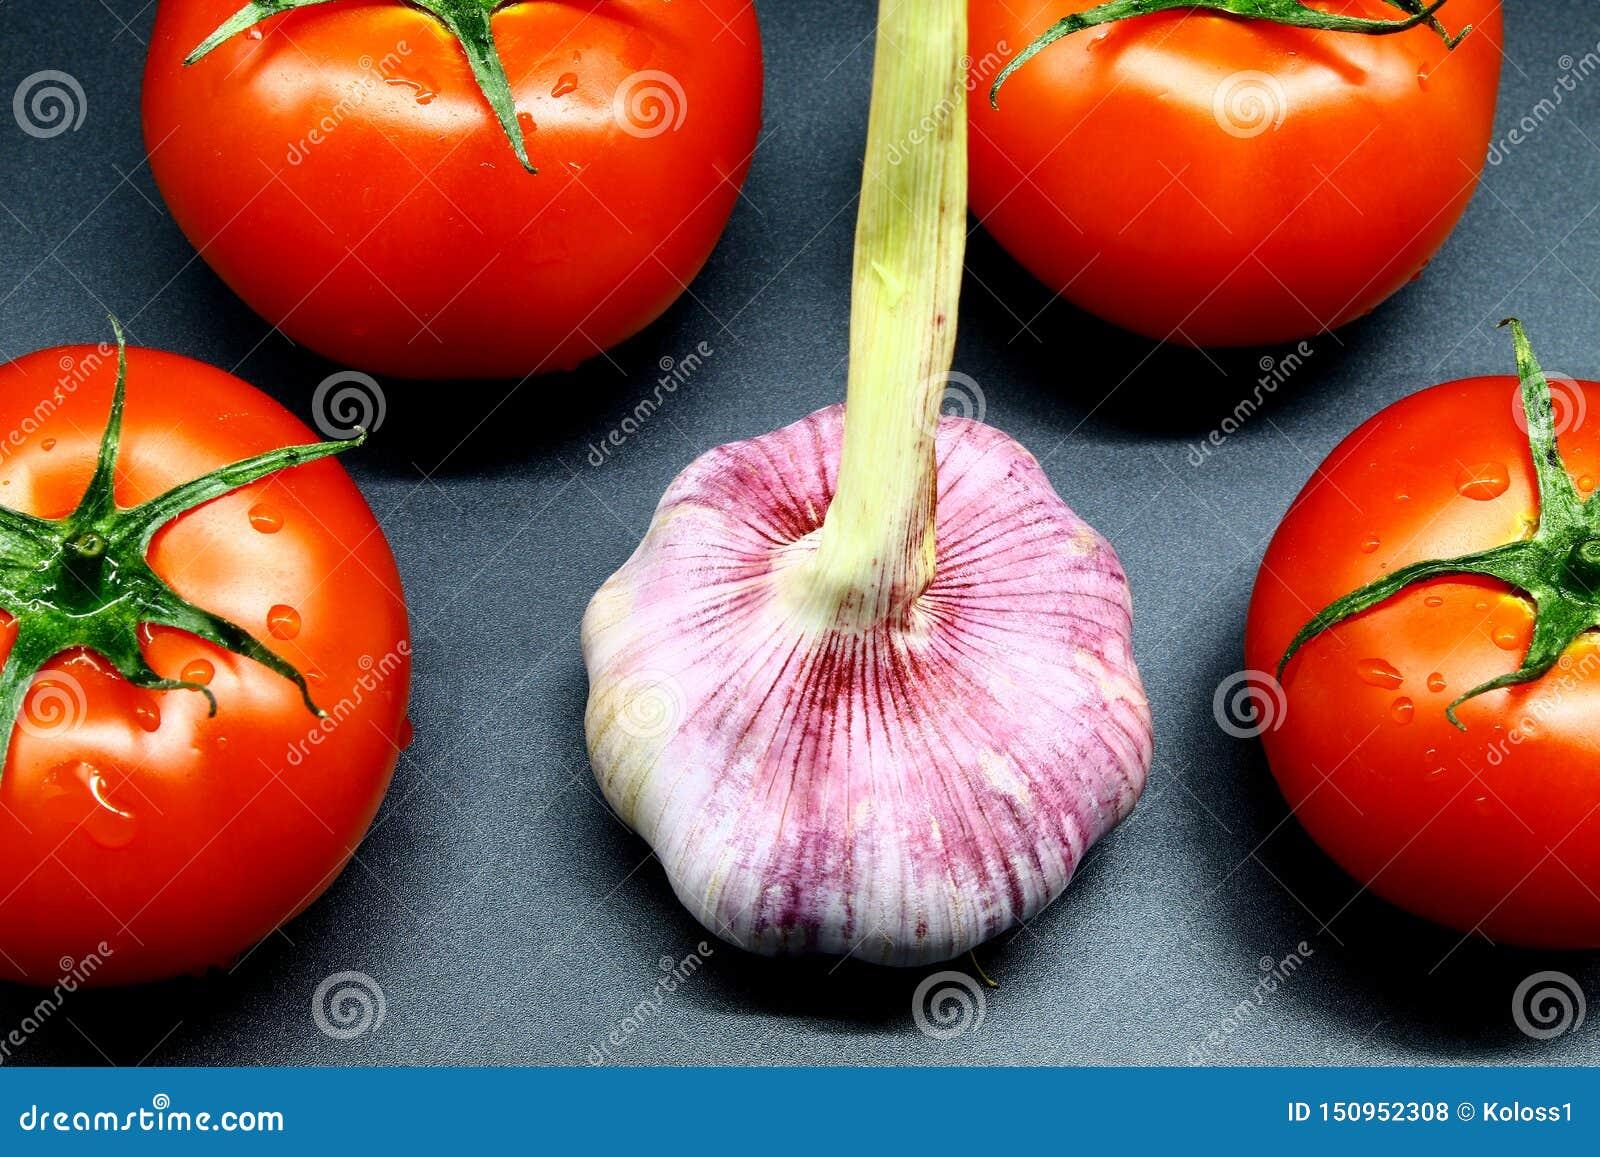 Le jeune ail a entouré par quatre tomates juteuses et mûres rouges sur un fond noir